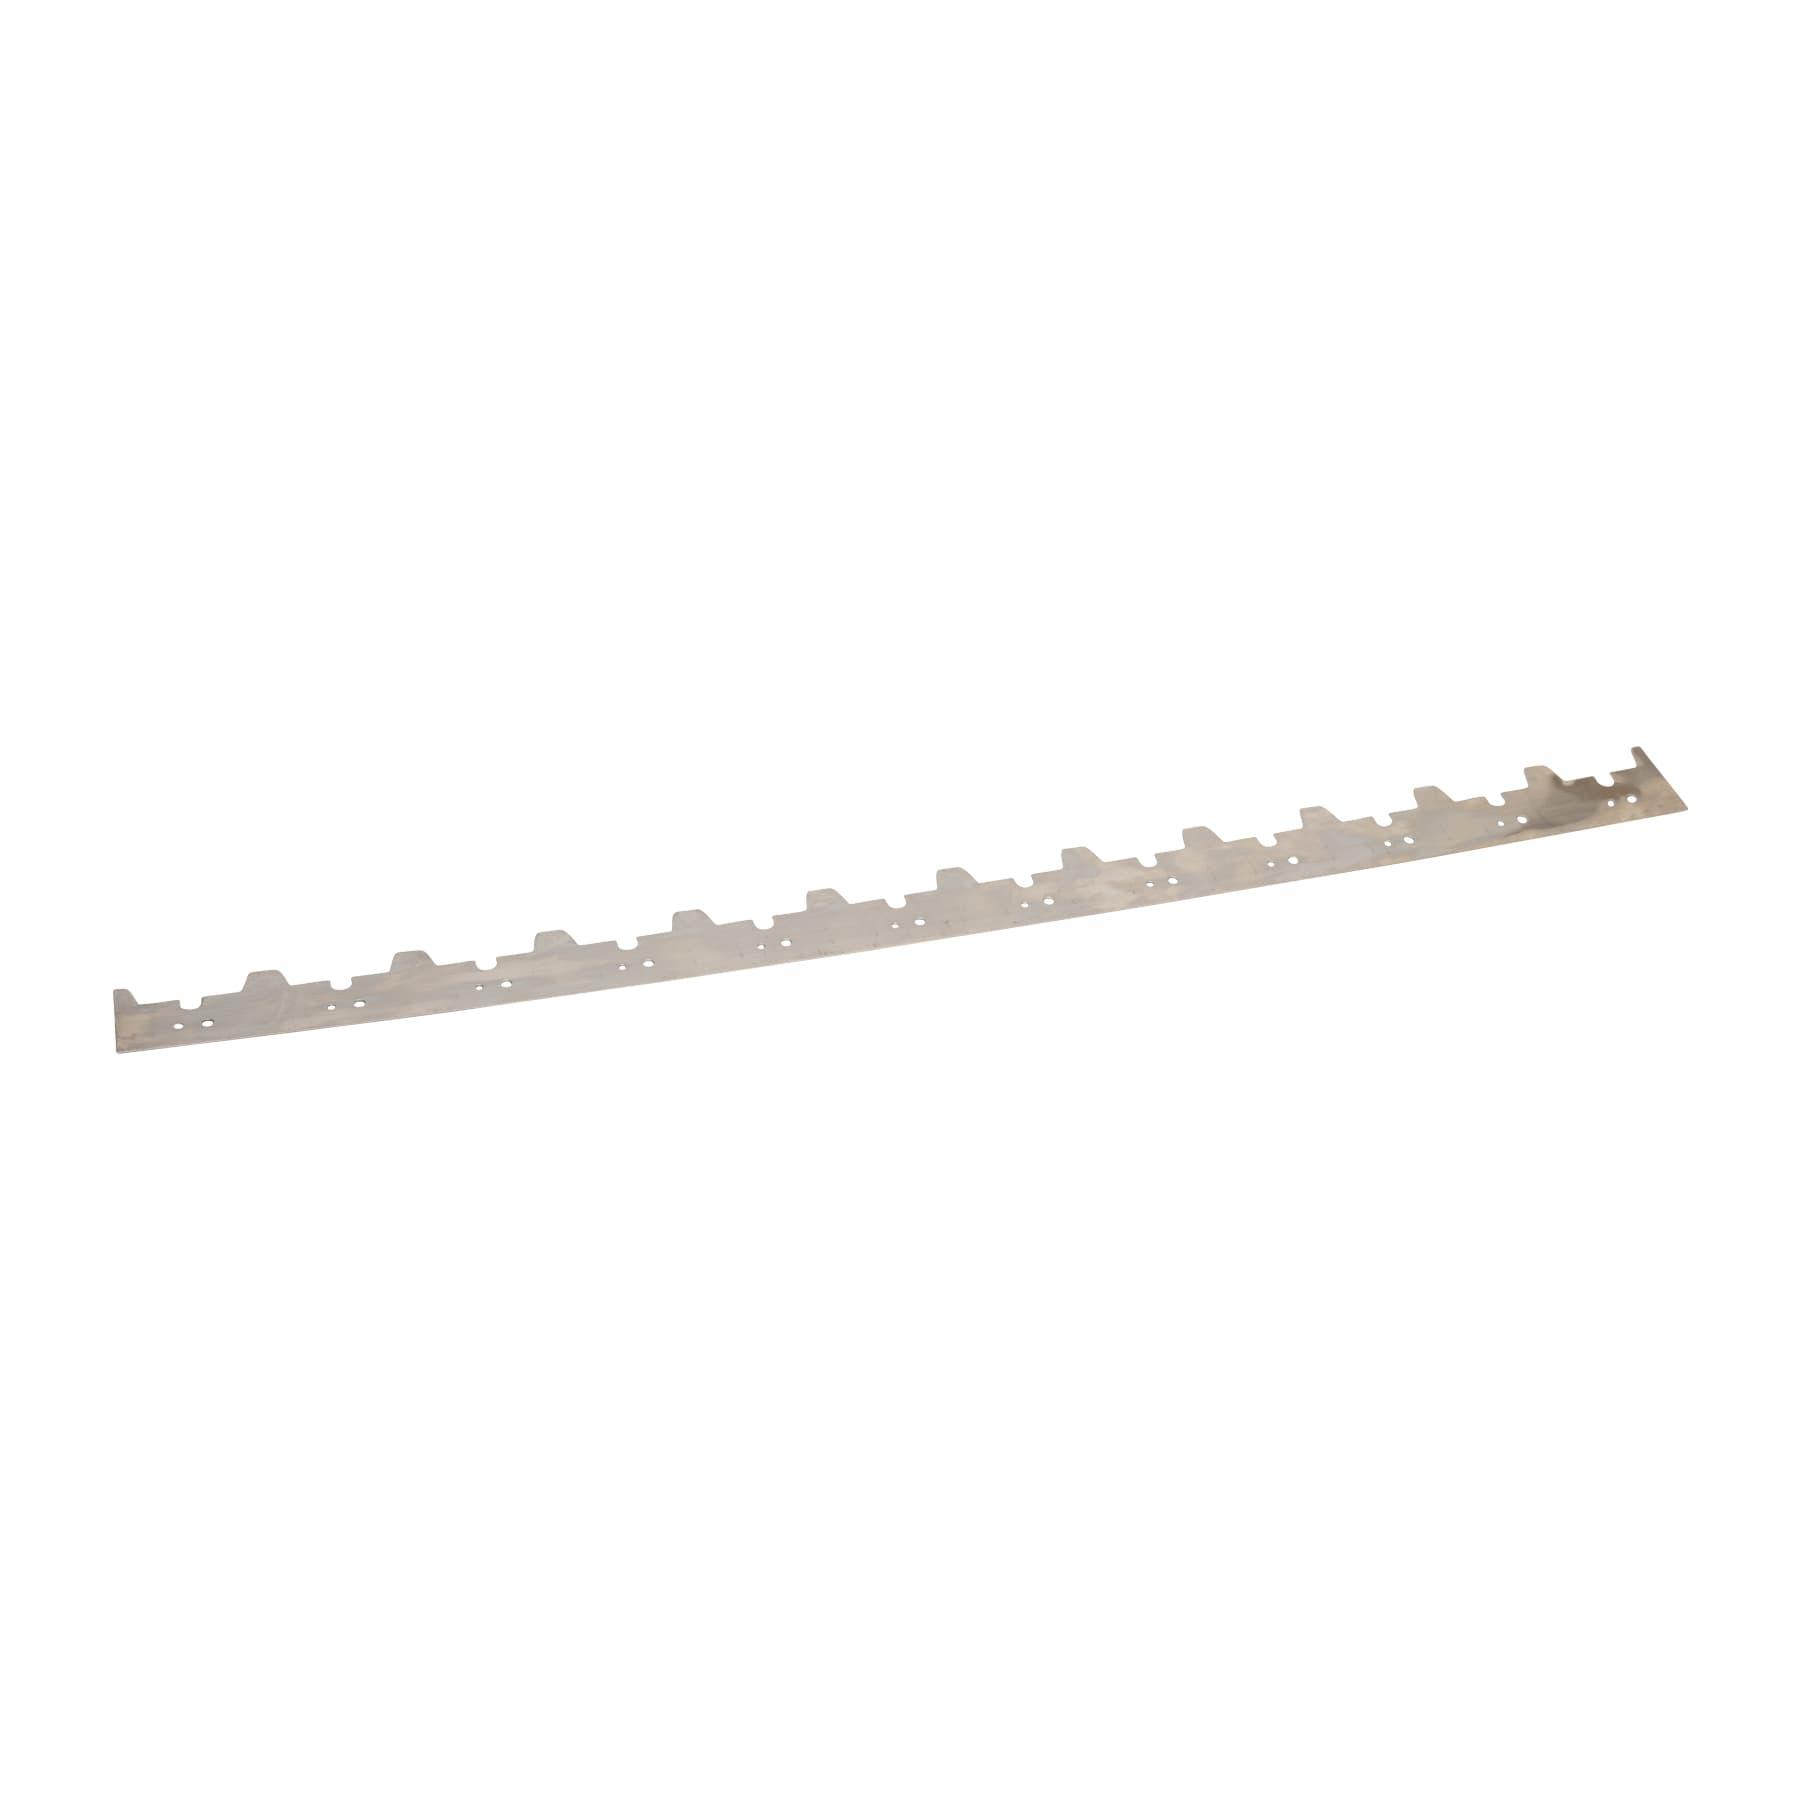 Abstandsrechen Edelstahl für 25 mm Rähmchen 12 Waben auf 448 mm Länge